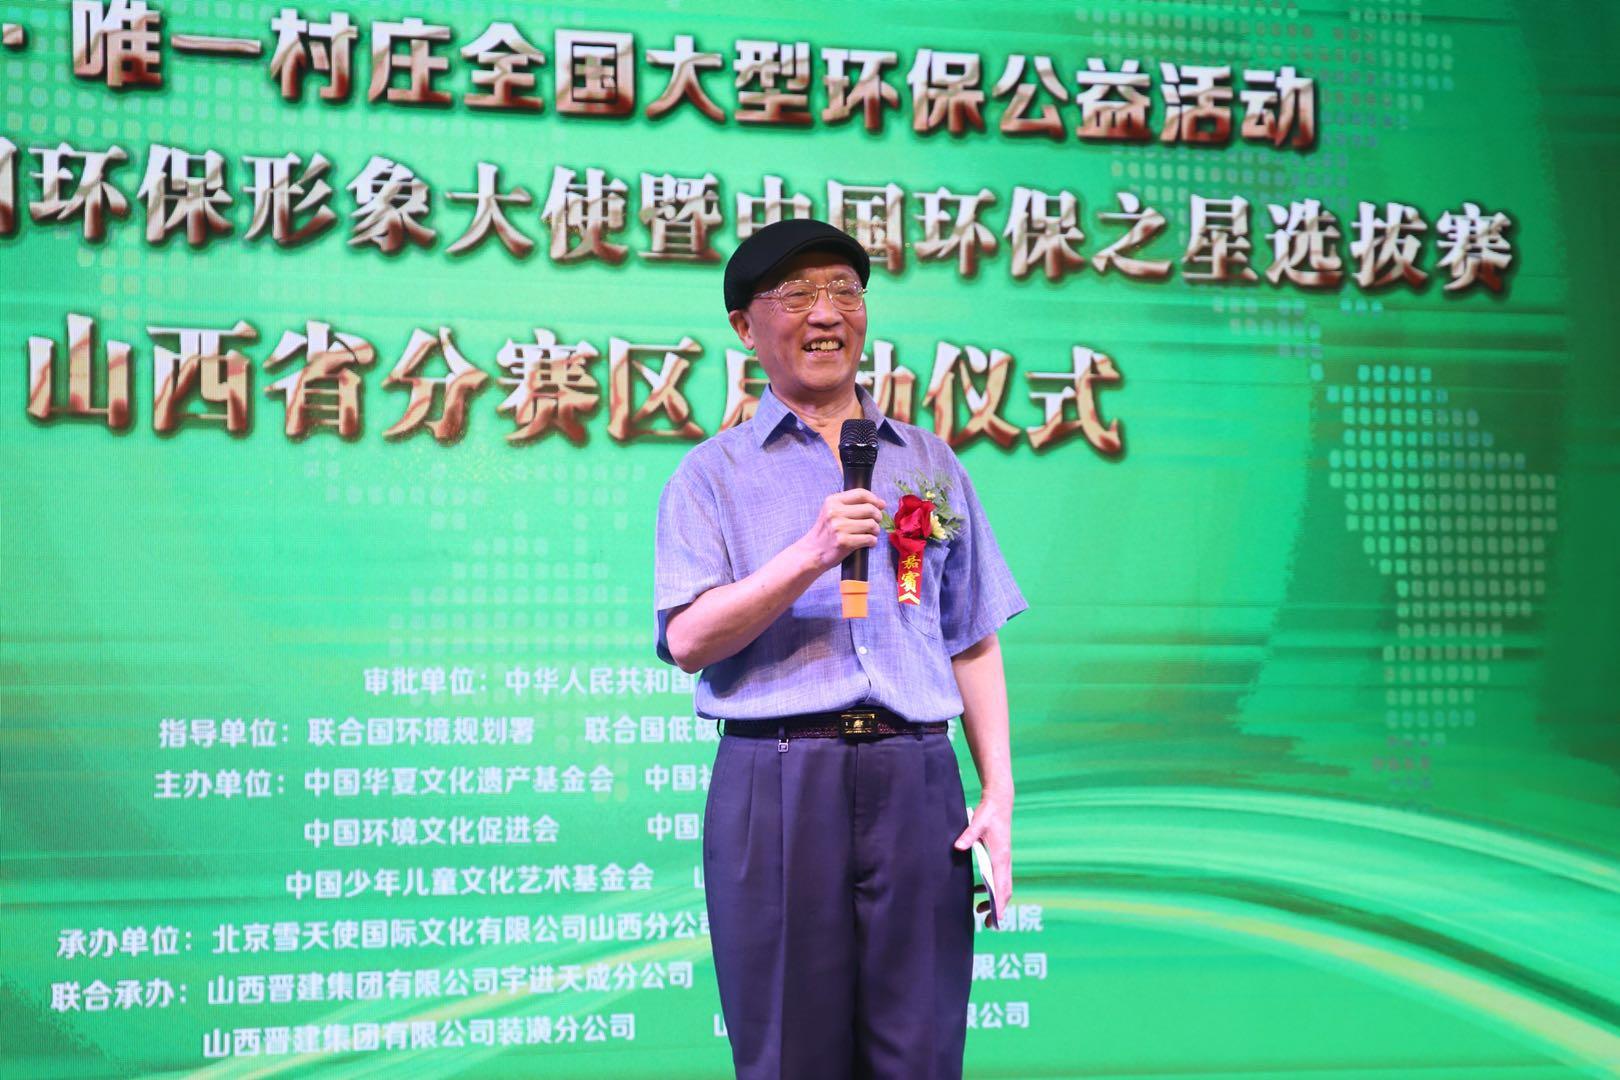 中共中央对外联络部原副部长李北海领导讲话.jpg